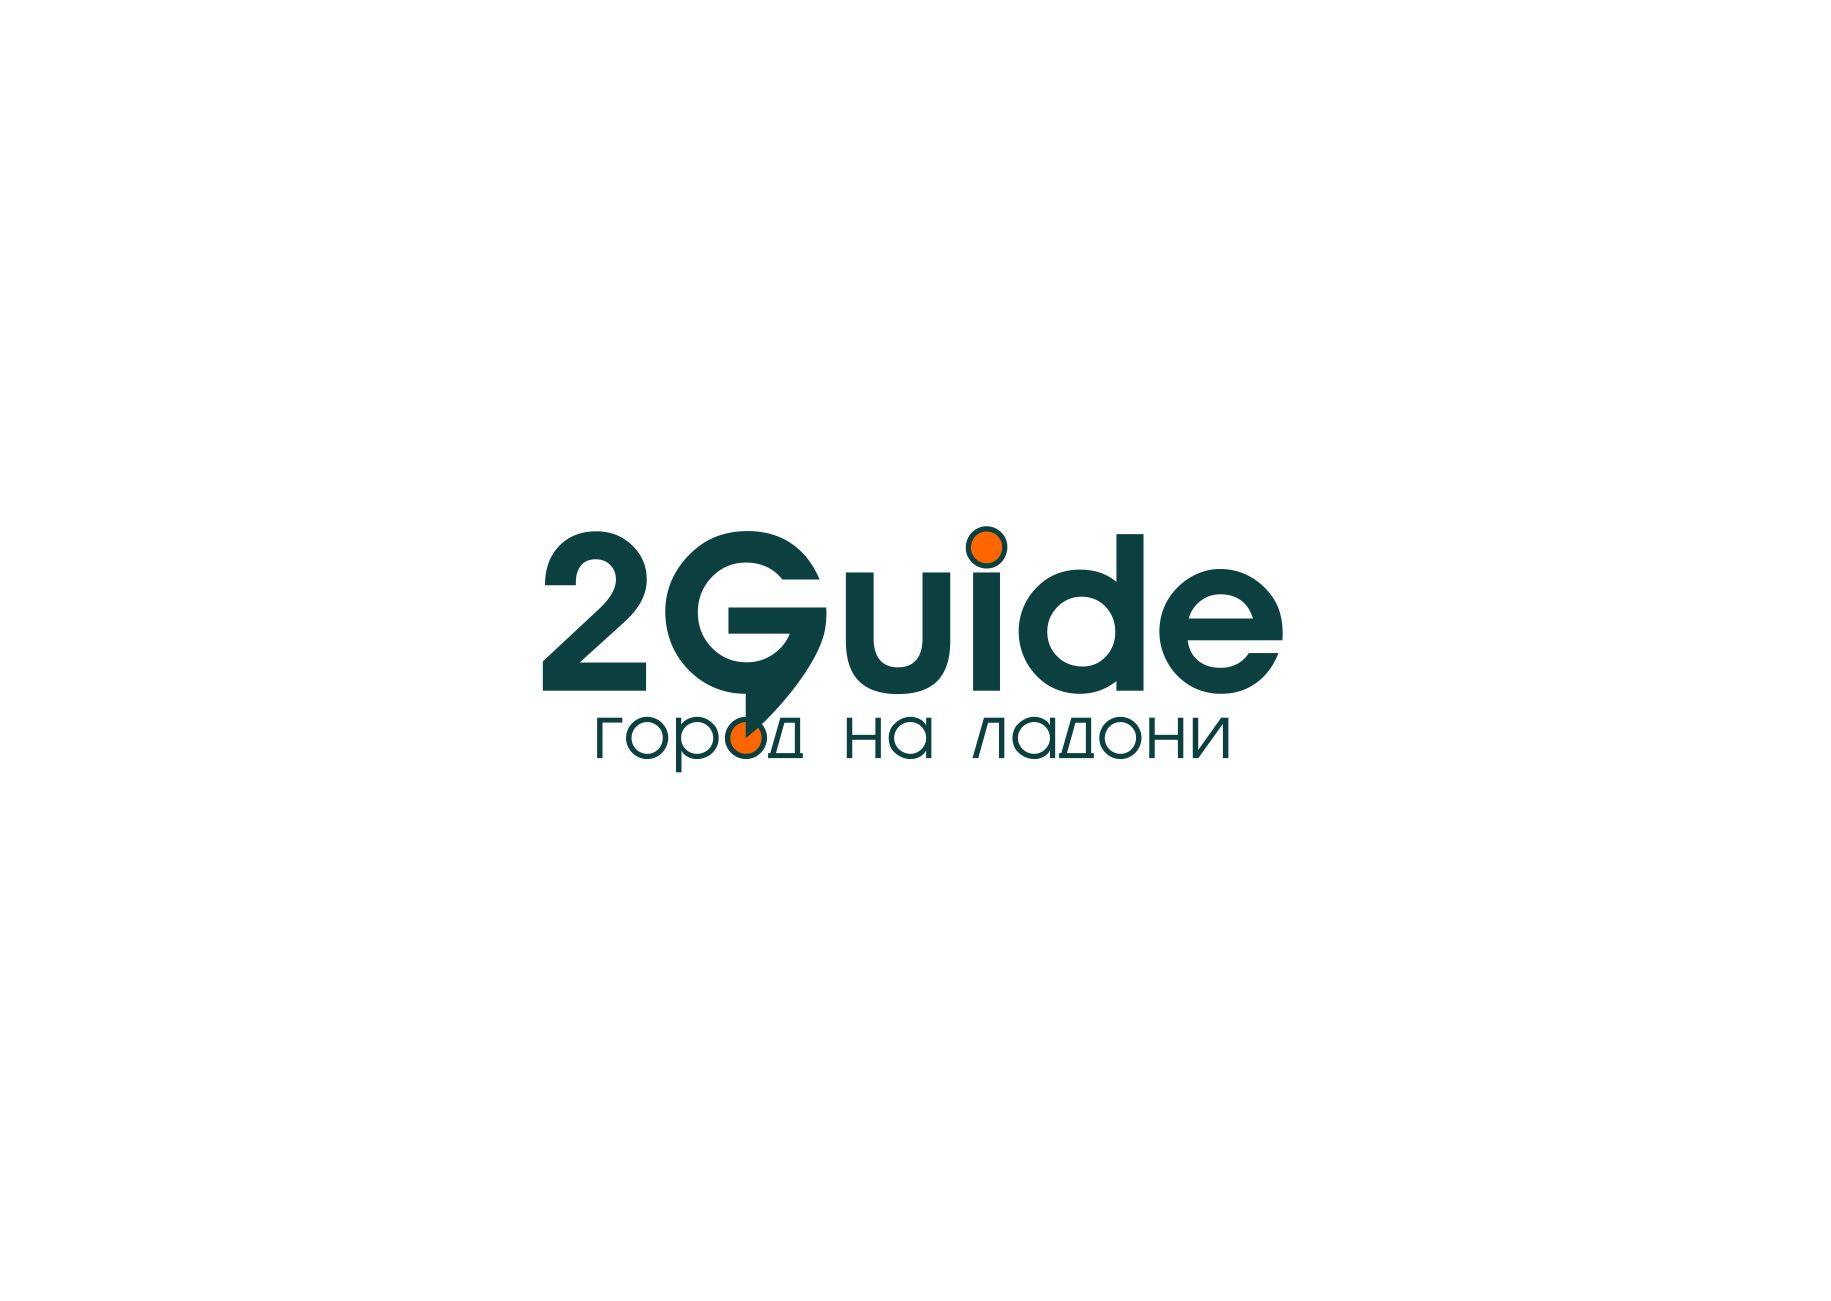 Придумать Название , Слоган , Логотип.  фото f_2295a5509aa6a3ba.jpg